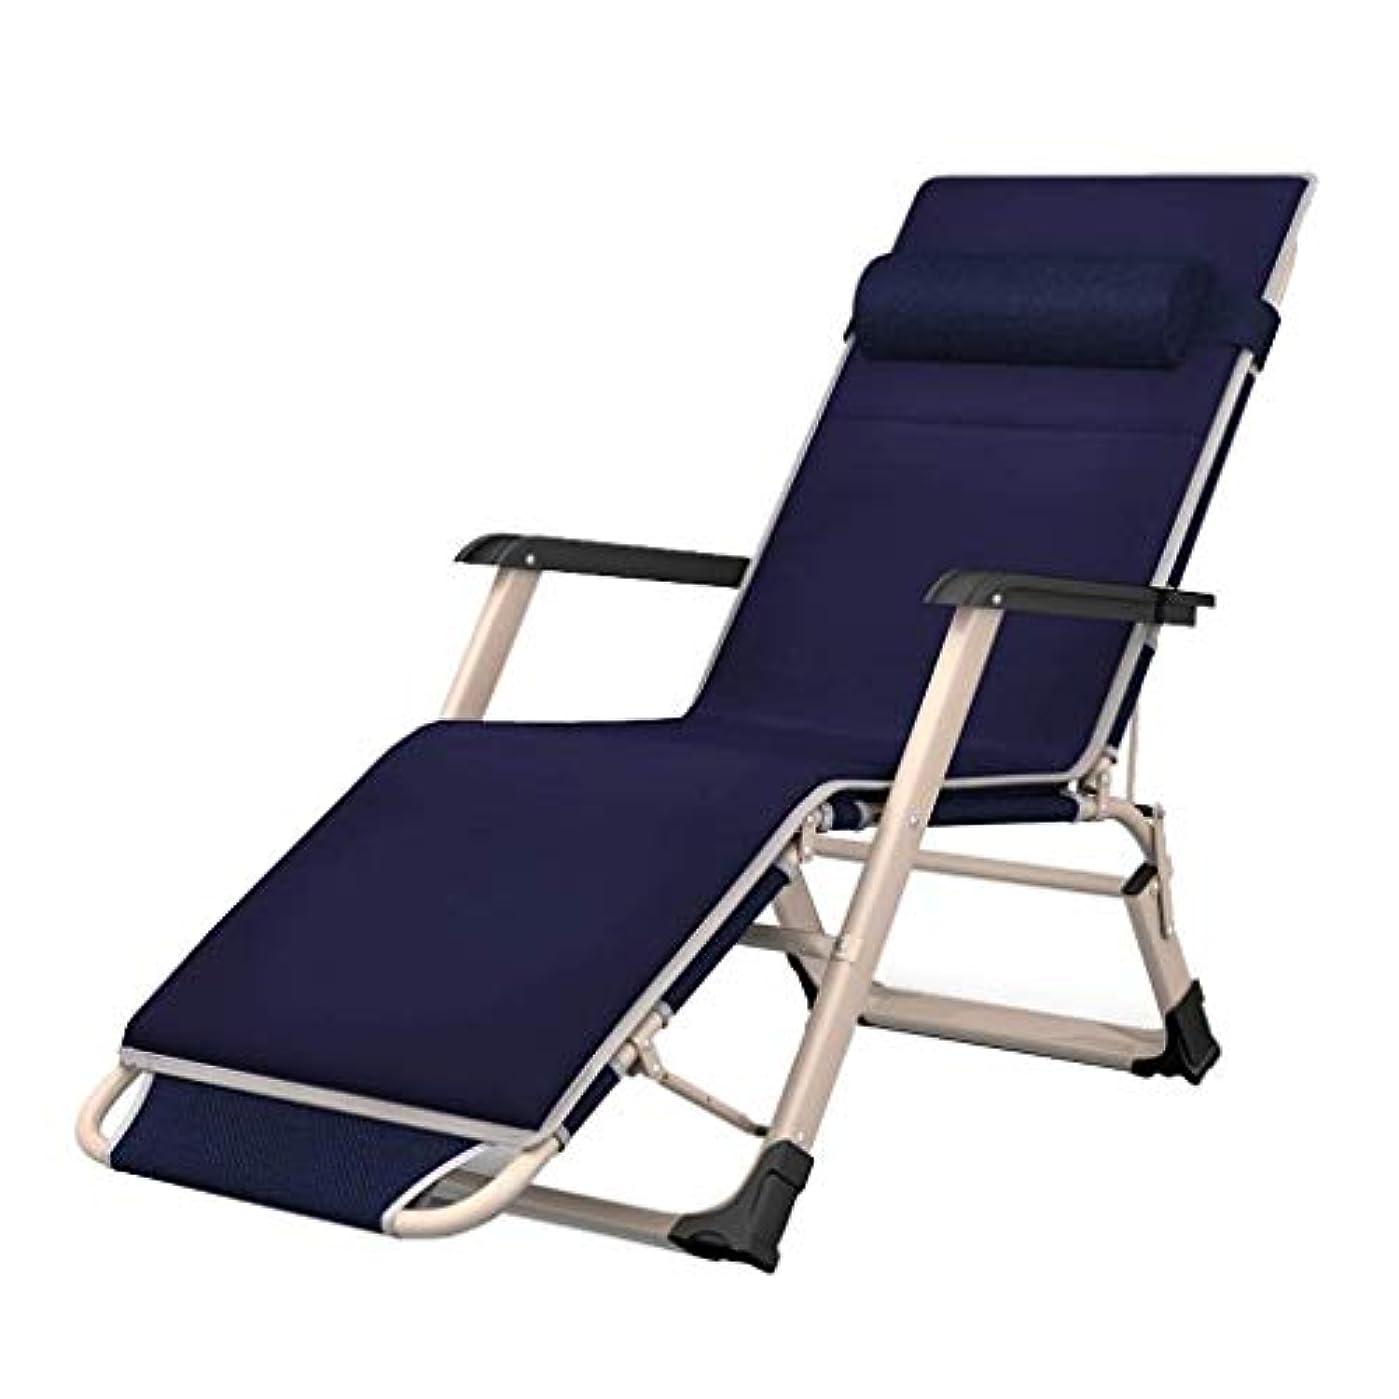 遠征帆エントリZAQXSW 折りたたみベッド昼休み大人の折りたたみ椅子リクライニングベッドシングルベッドオフィス怠惰なベッド病院同伴ベッド